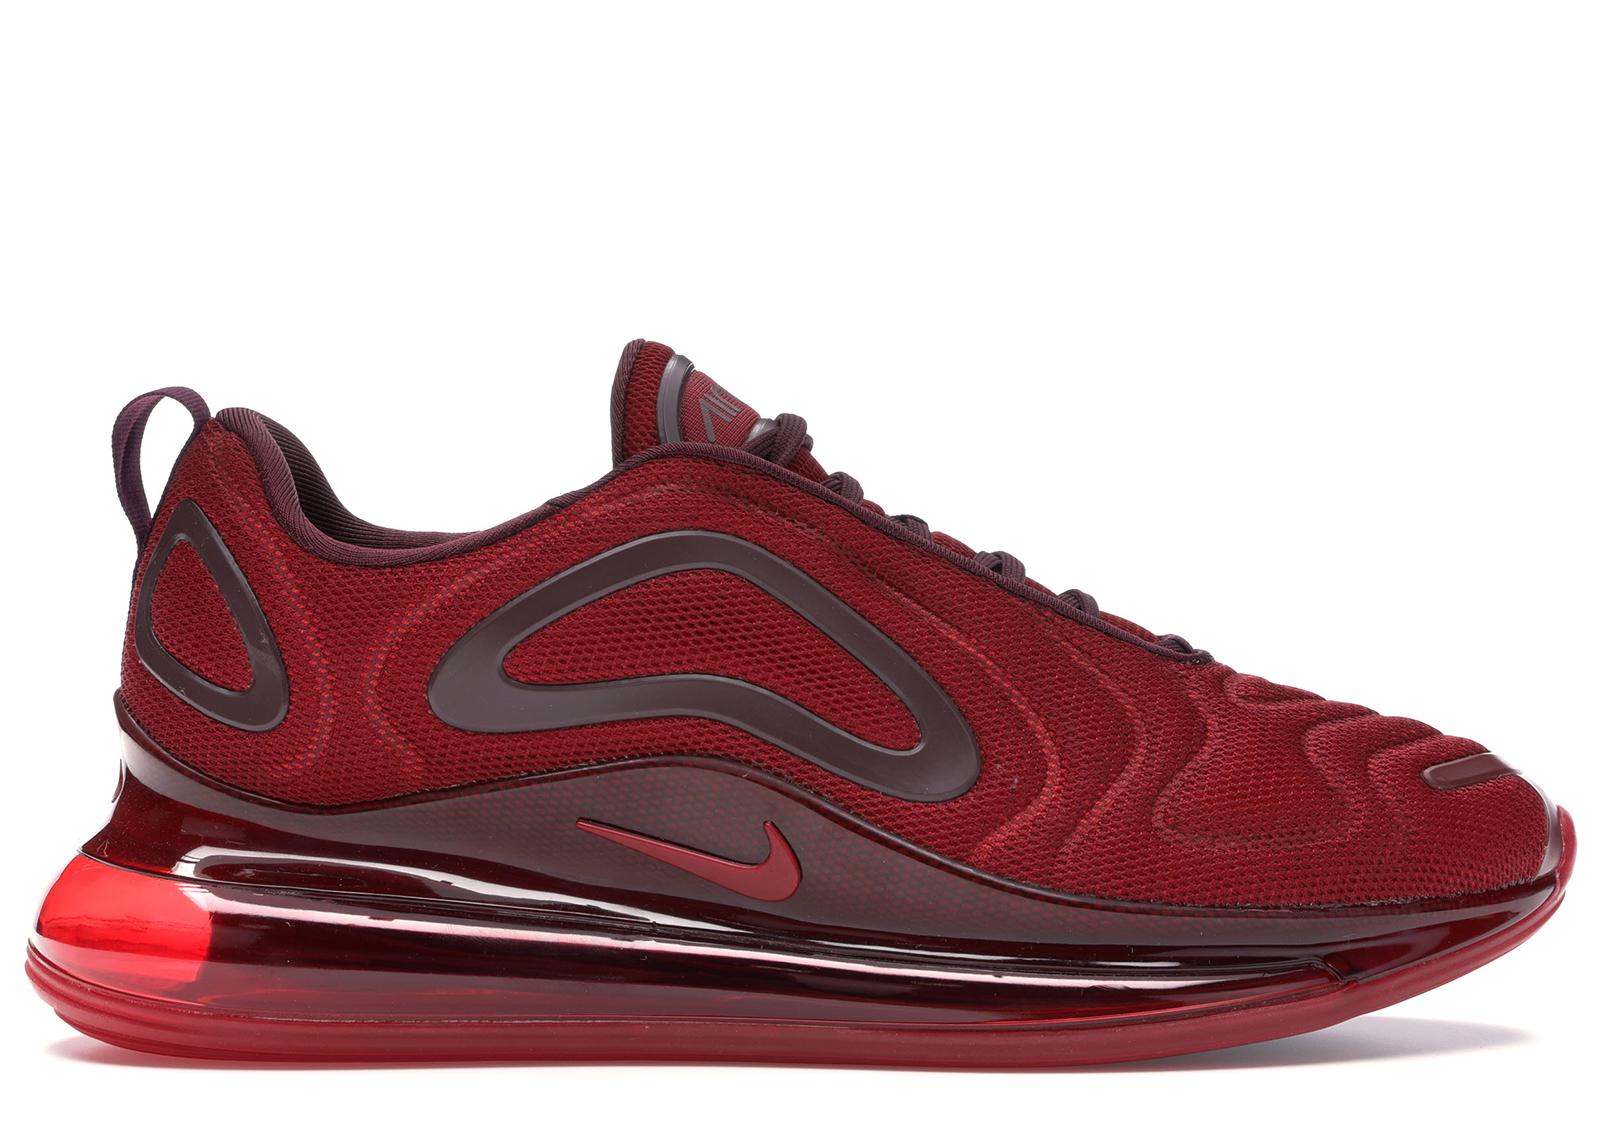 Nike Air Max 720 Team Red - AO2924-601